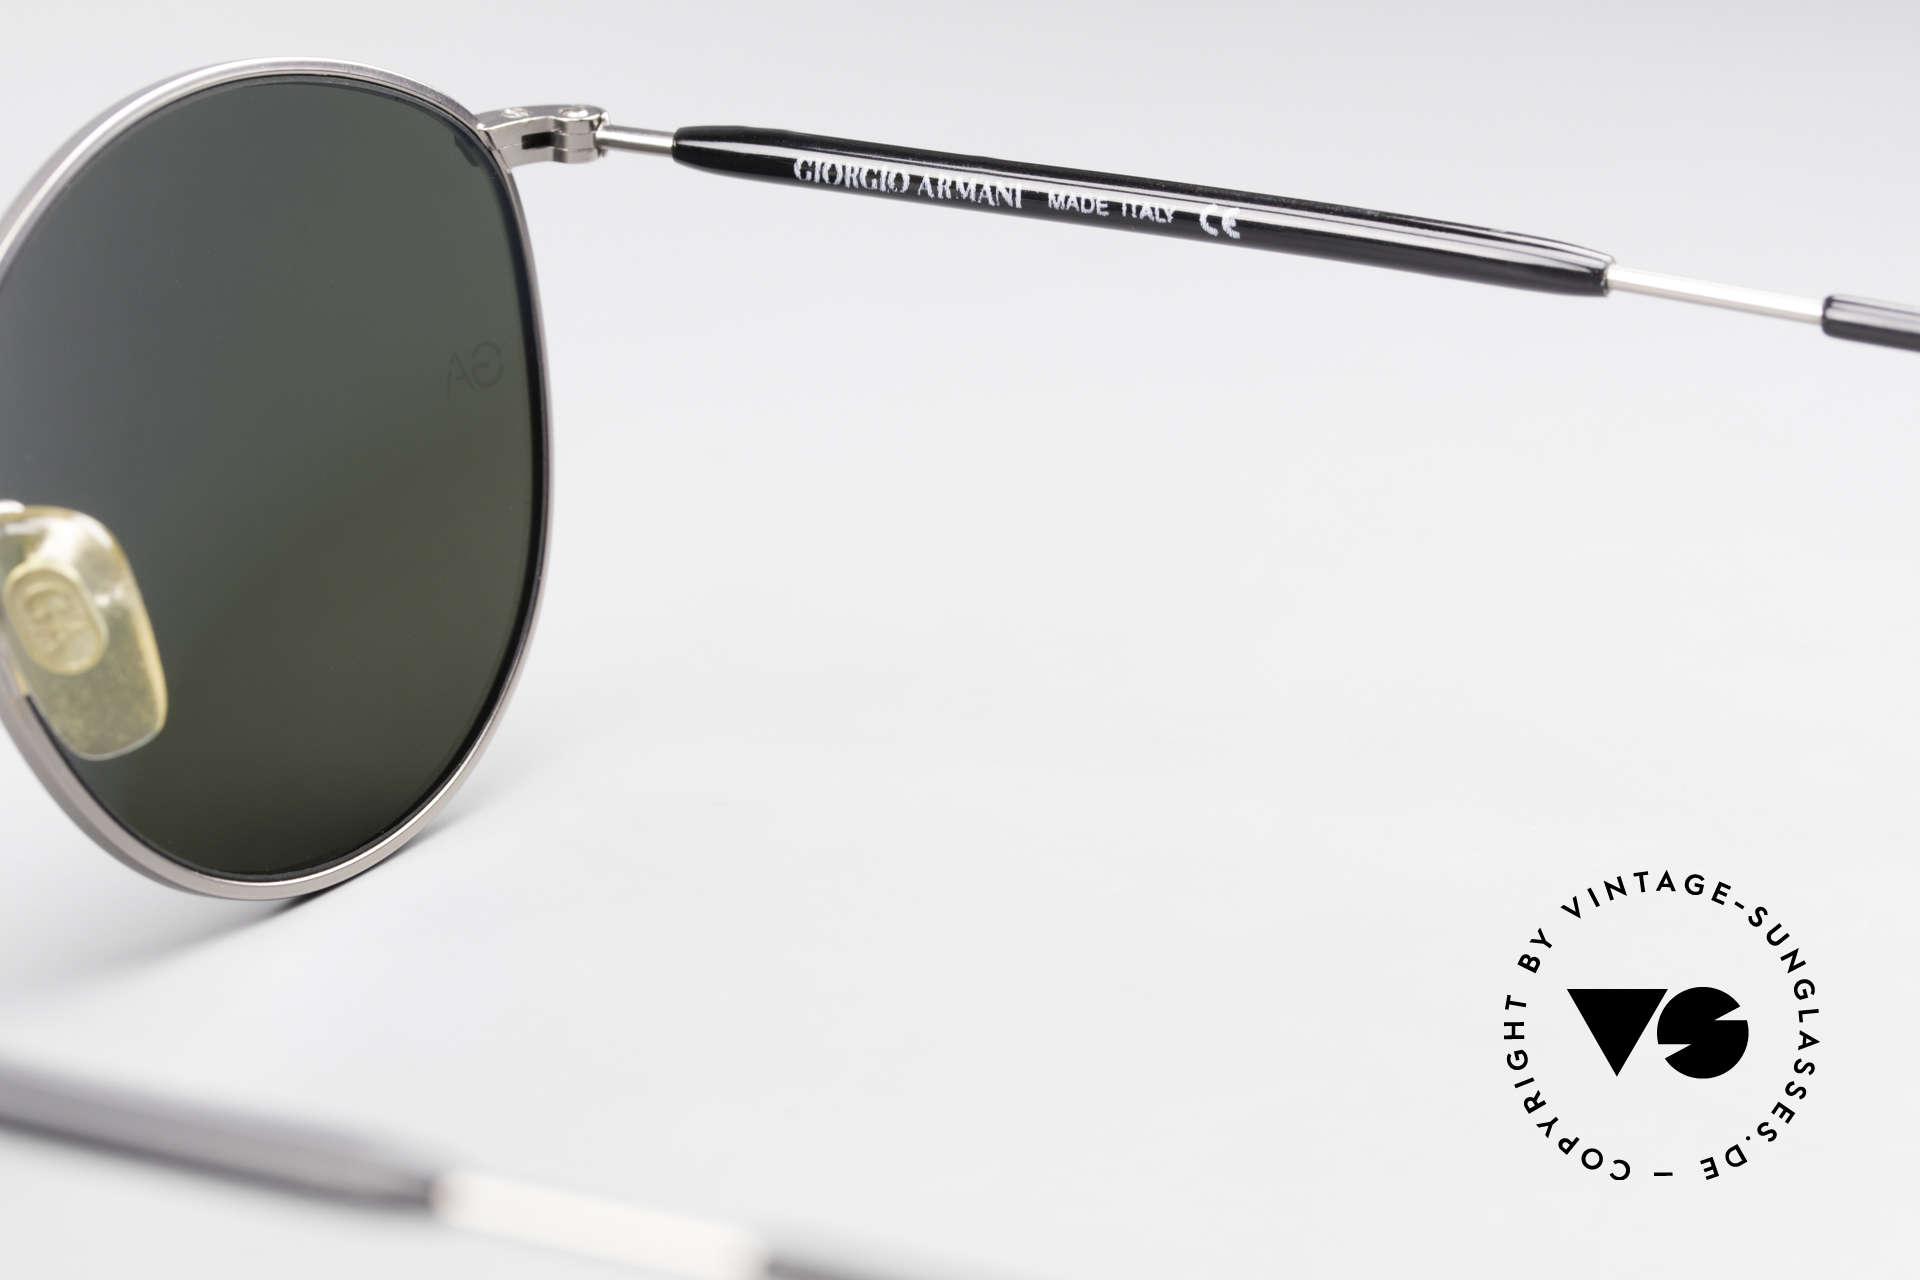 Giorgio Armani 627 Vintage Panto Sonnenbrille, Größe: small, Passend für Herren und Damen